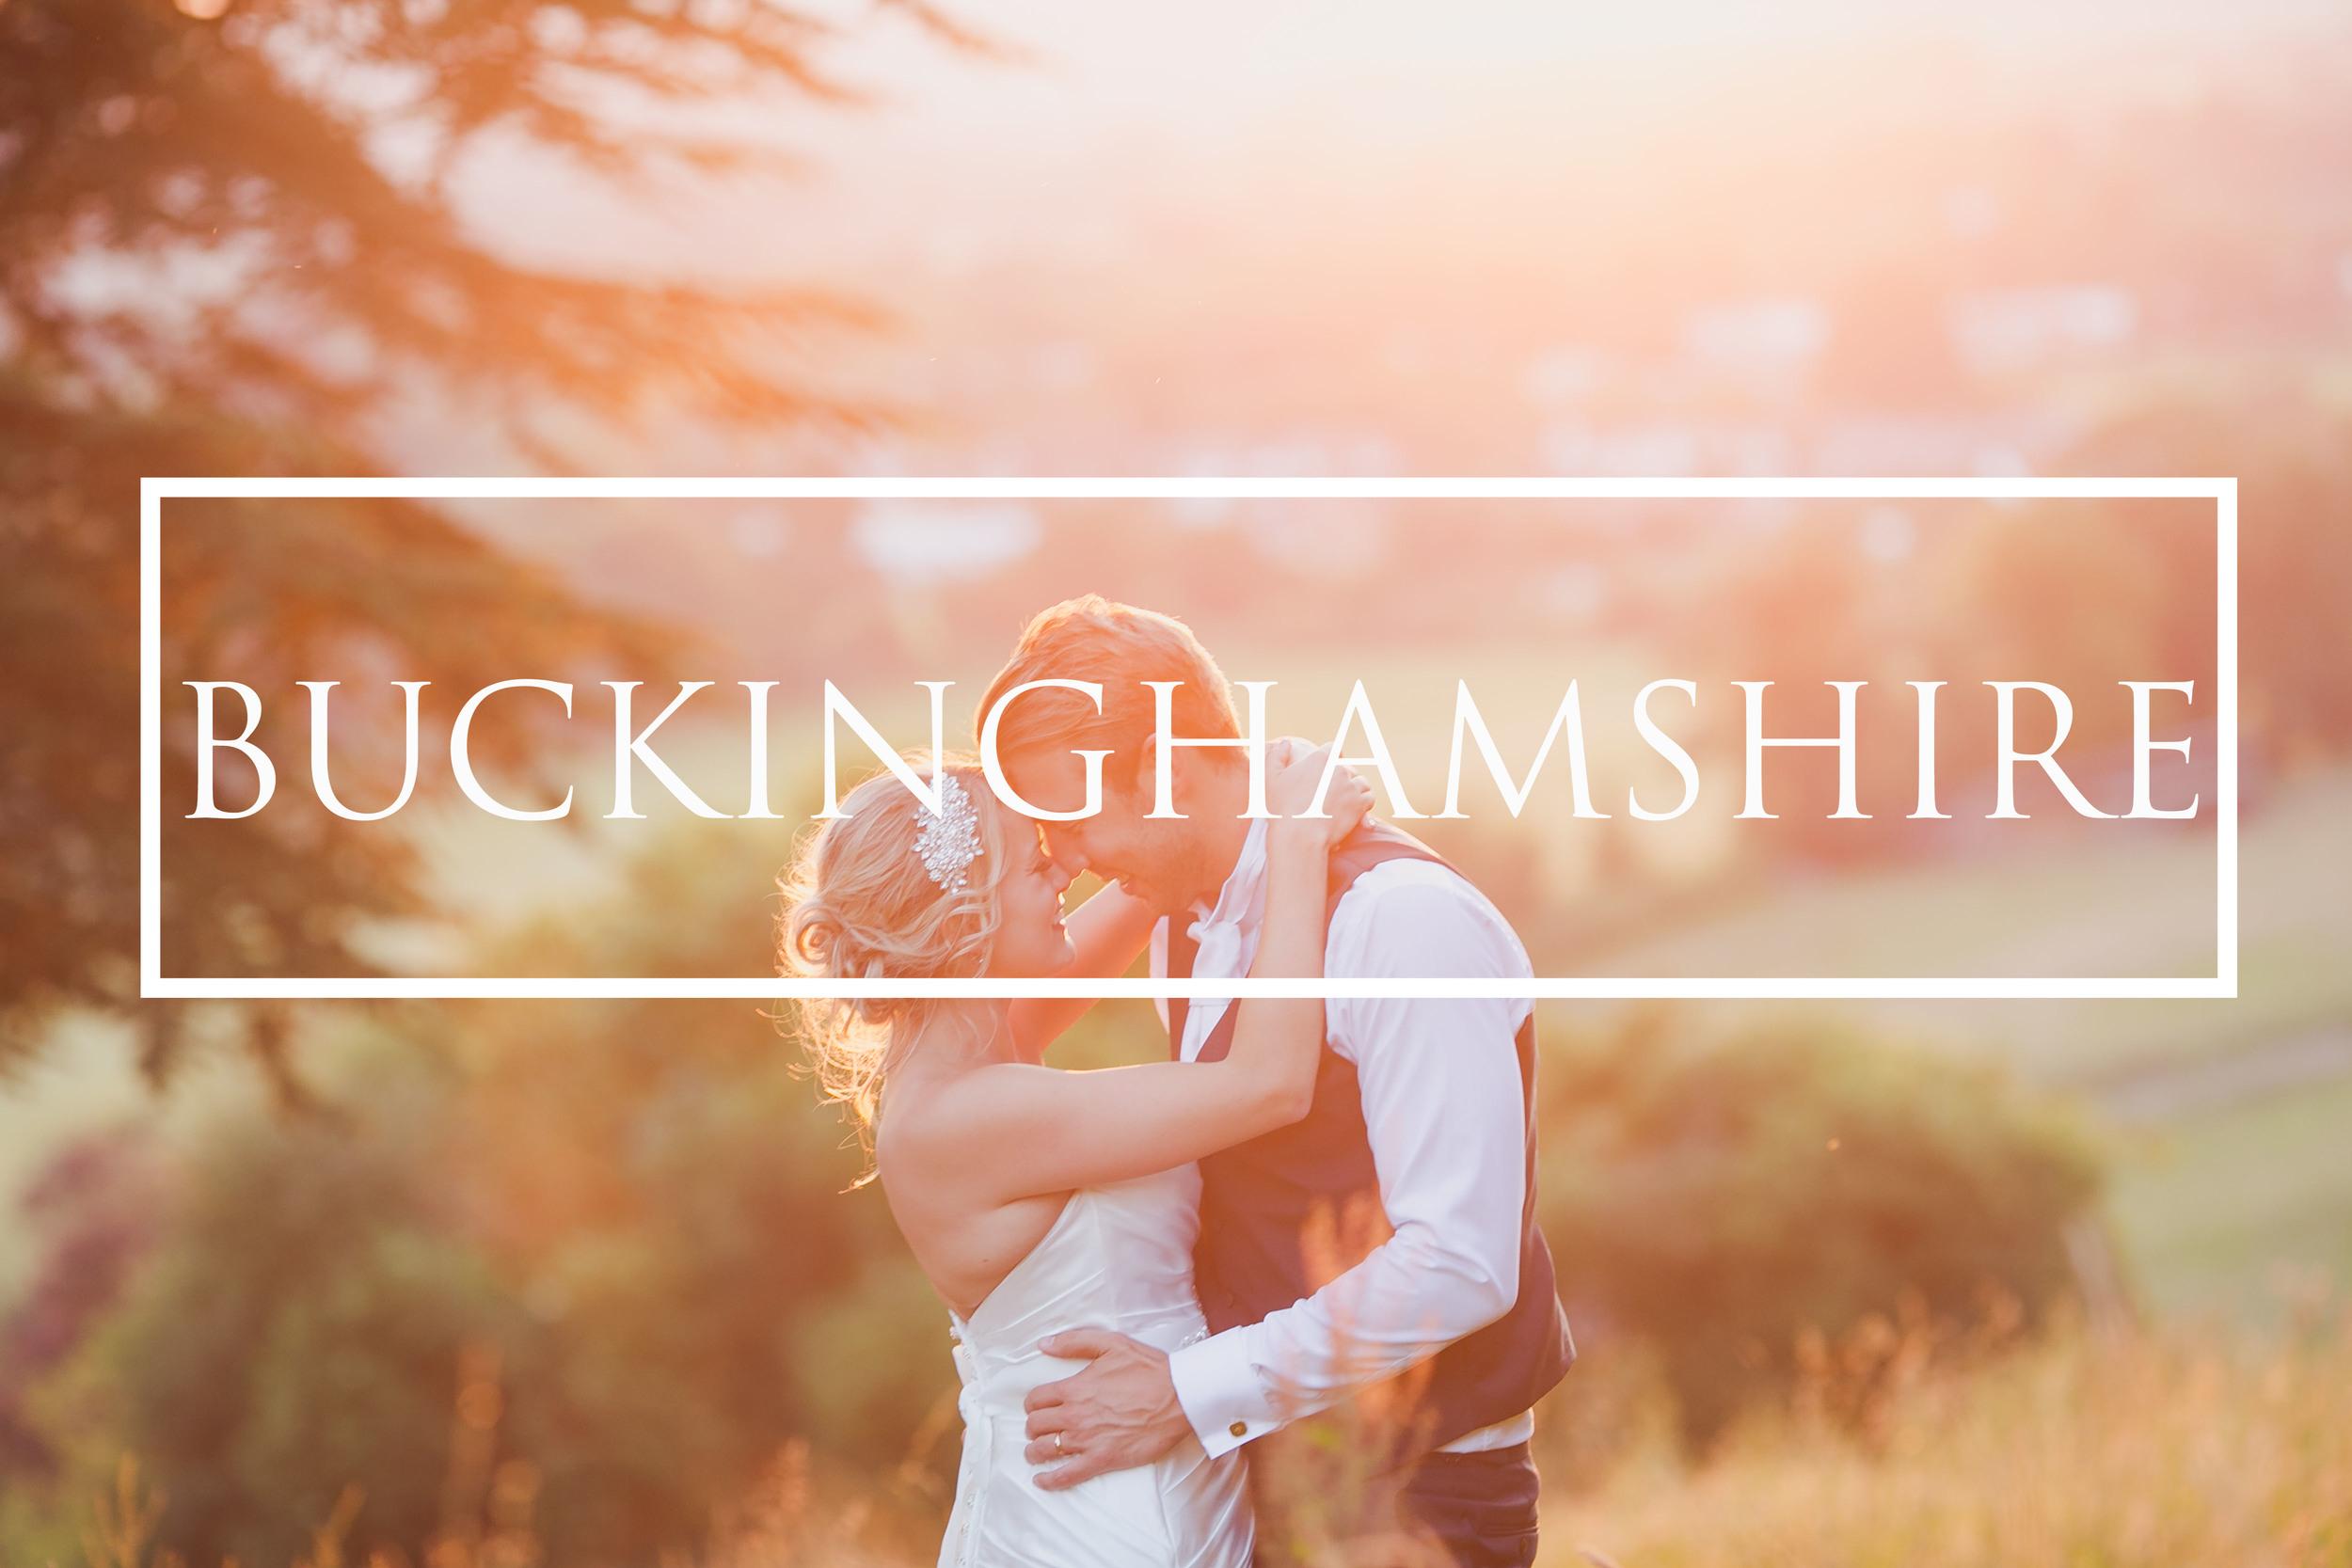 hedsor-house-wedding-photographer-buckinghamshire